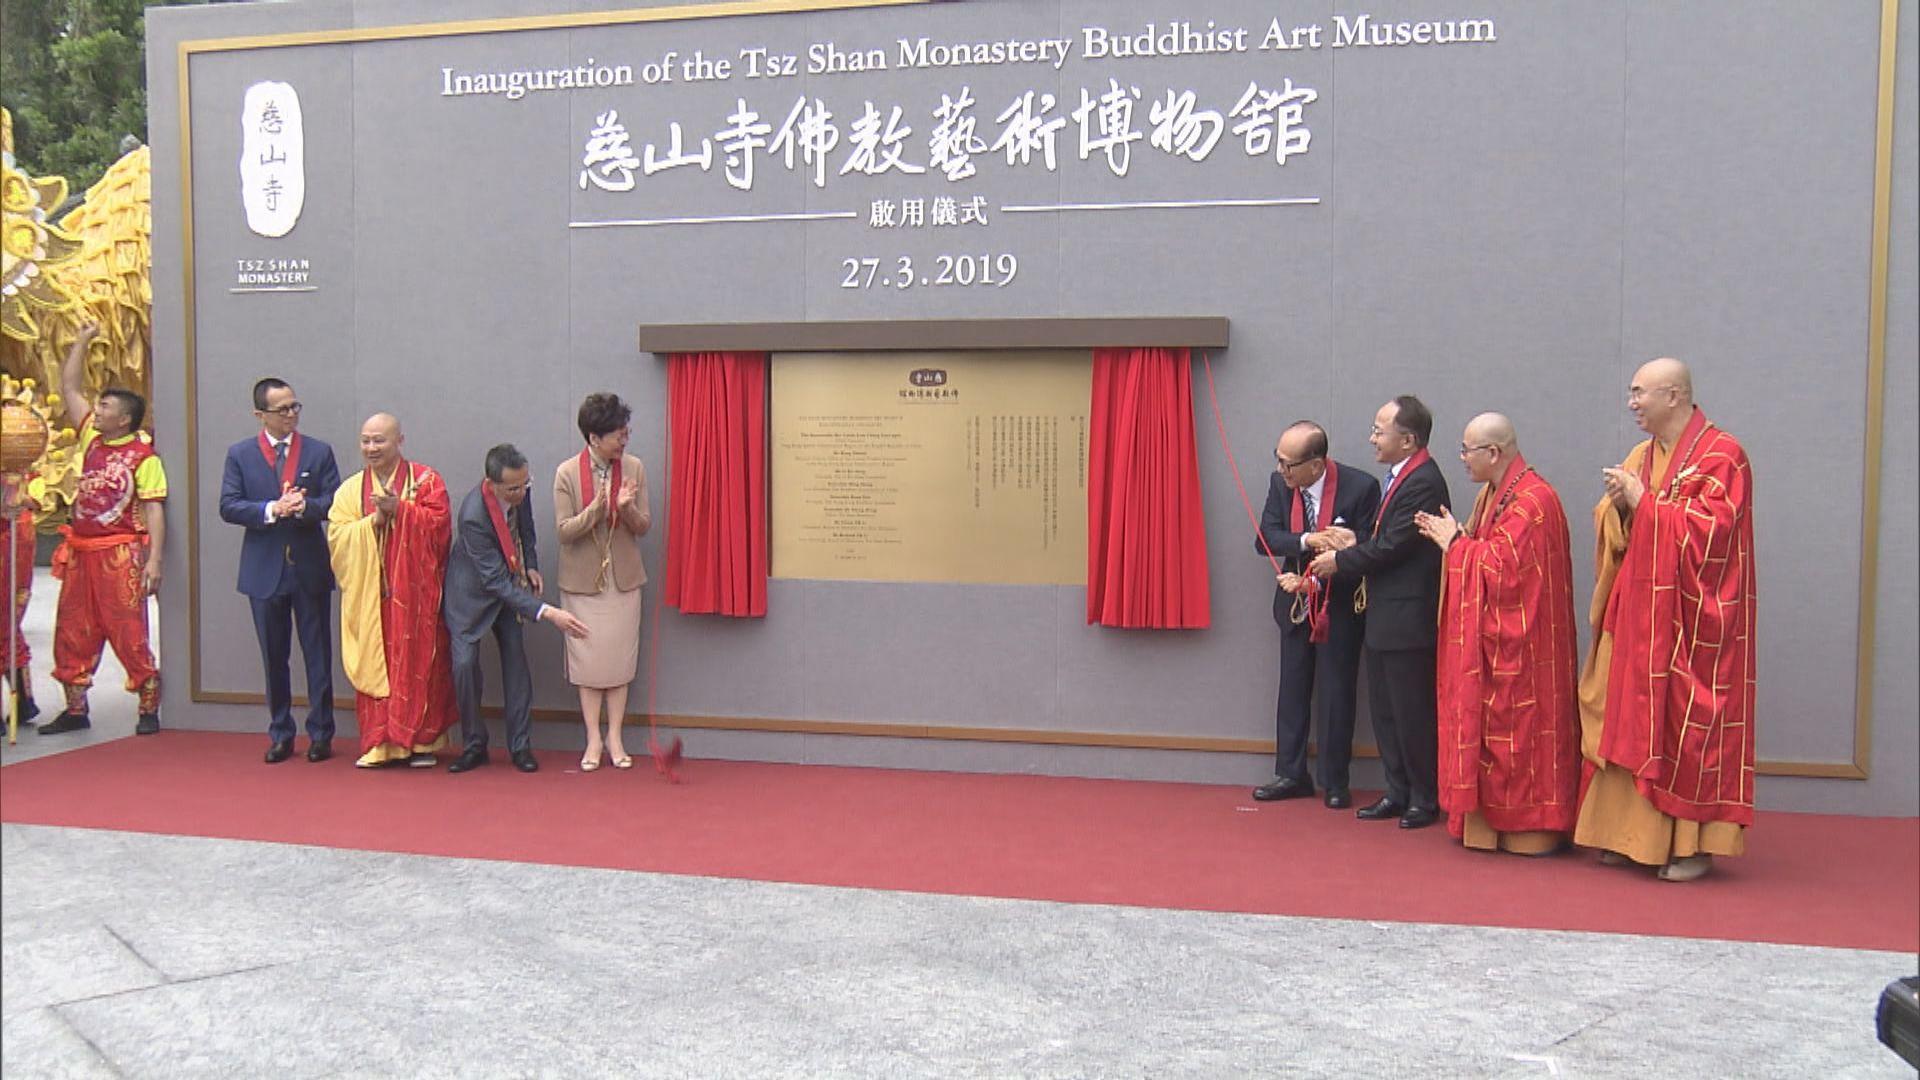 慈山寺開光 博物館五月起開放公眾預約參觀